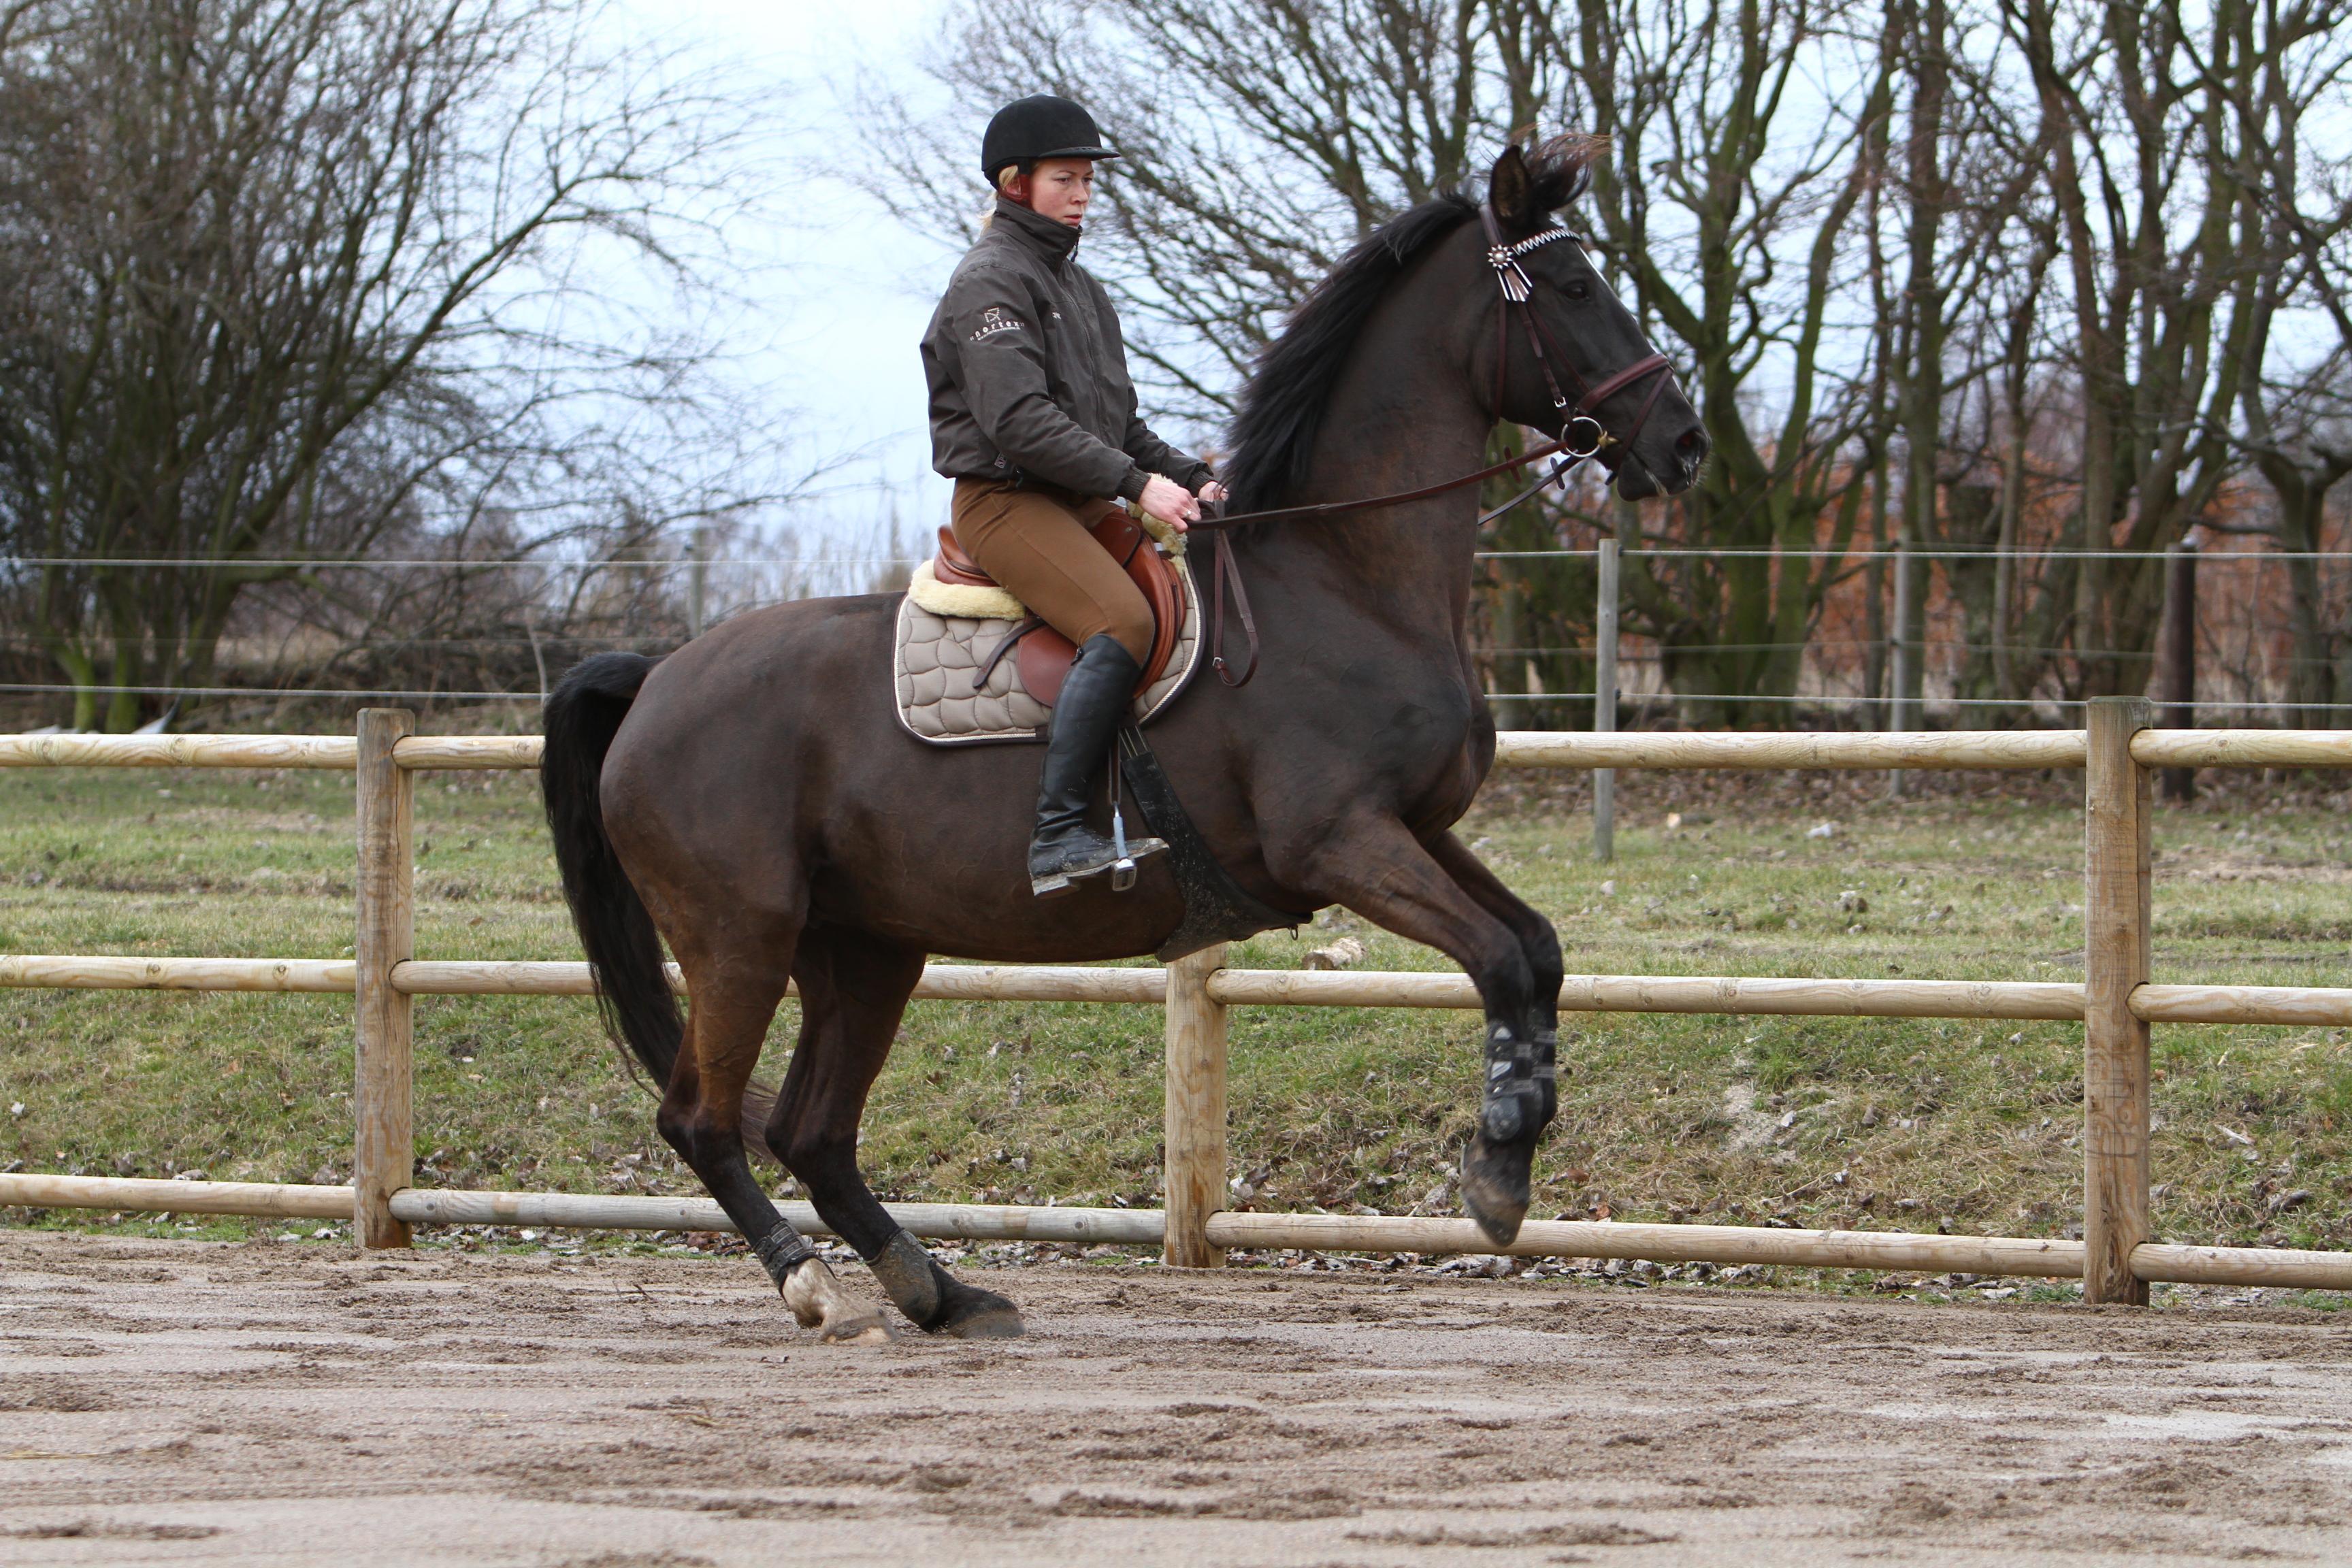 Hesten her er absolut ikke tilpas ved at blive redet. Begynder hesten at stejle, bukke eller på andre måde stritte imod, så bør man overveje at ændre sin måde at træne hesten på.